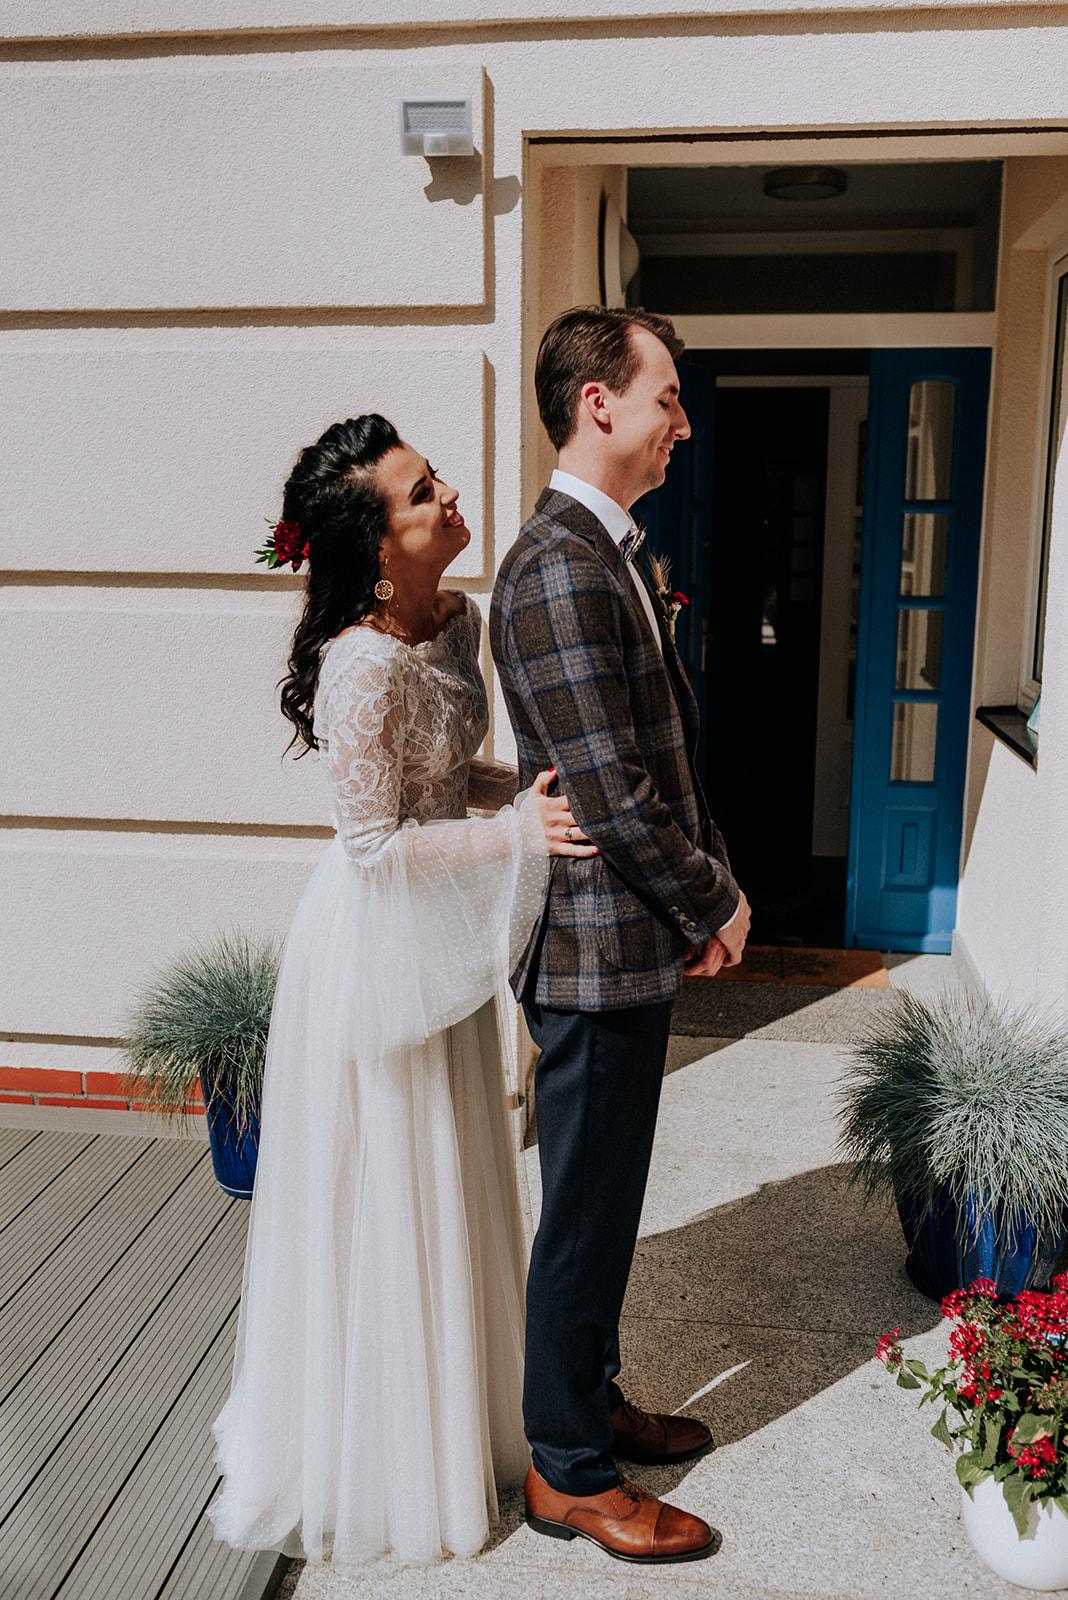 Baśniowy ślub w Tabunie | ceremonia w plenerze A+M 28 alebosco ania mateusz tabun 177